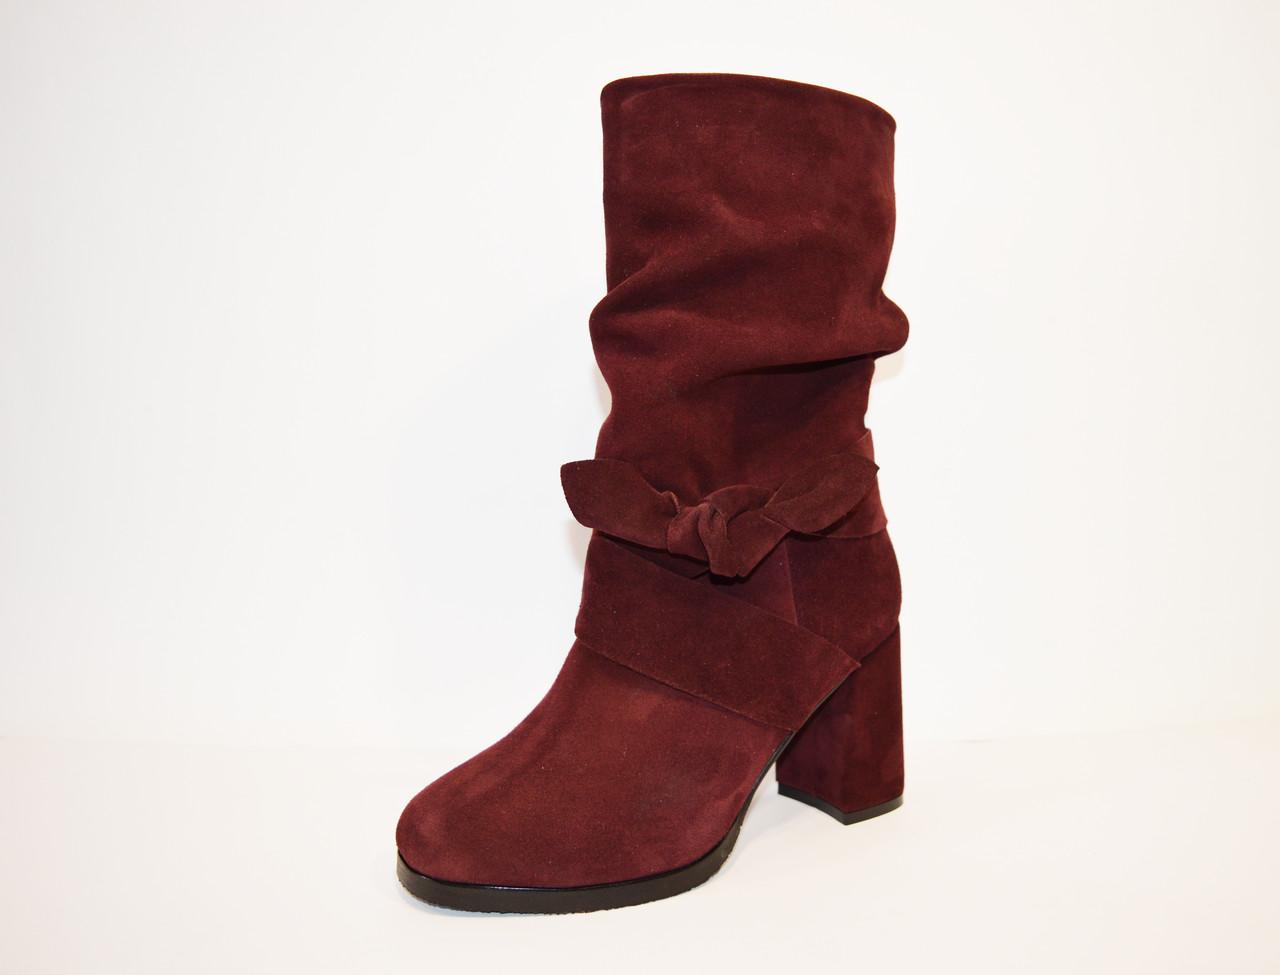 Женские бордовые ботинки Valiente Рина